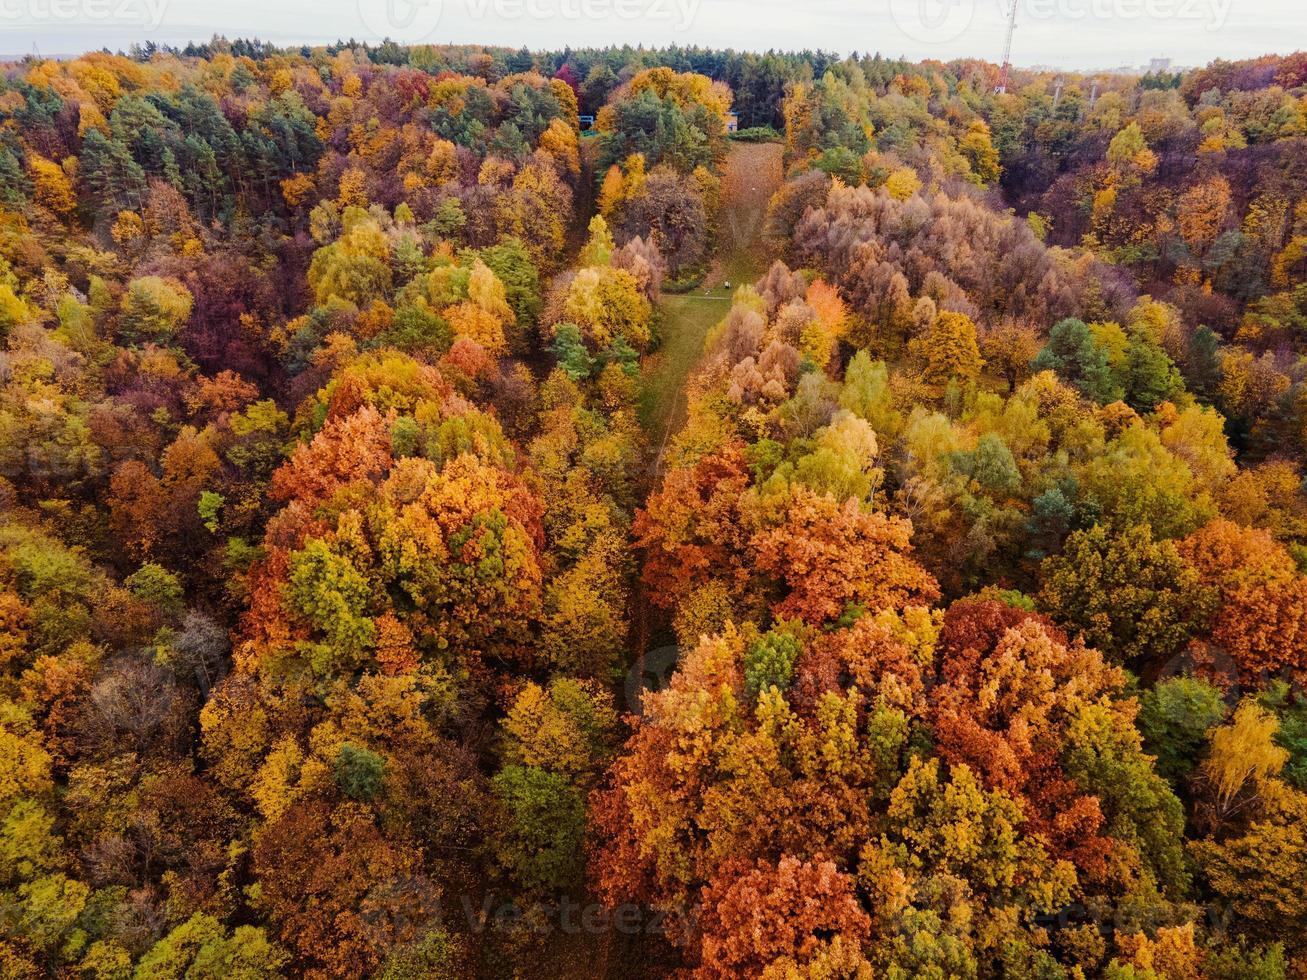 veduta aerea della foresta autunnale foto